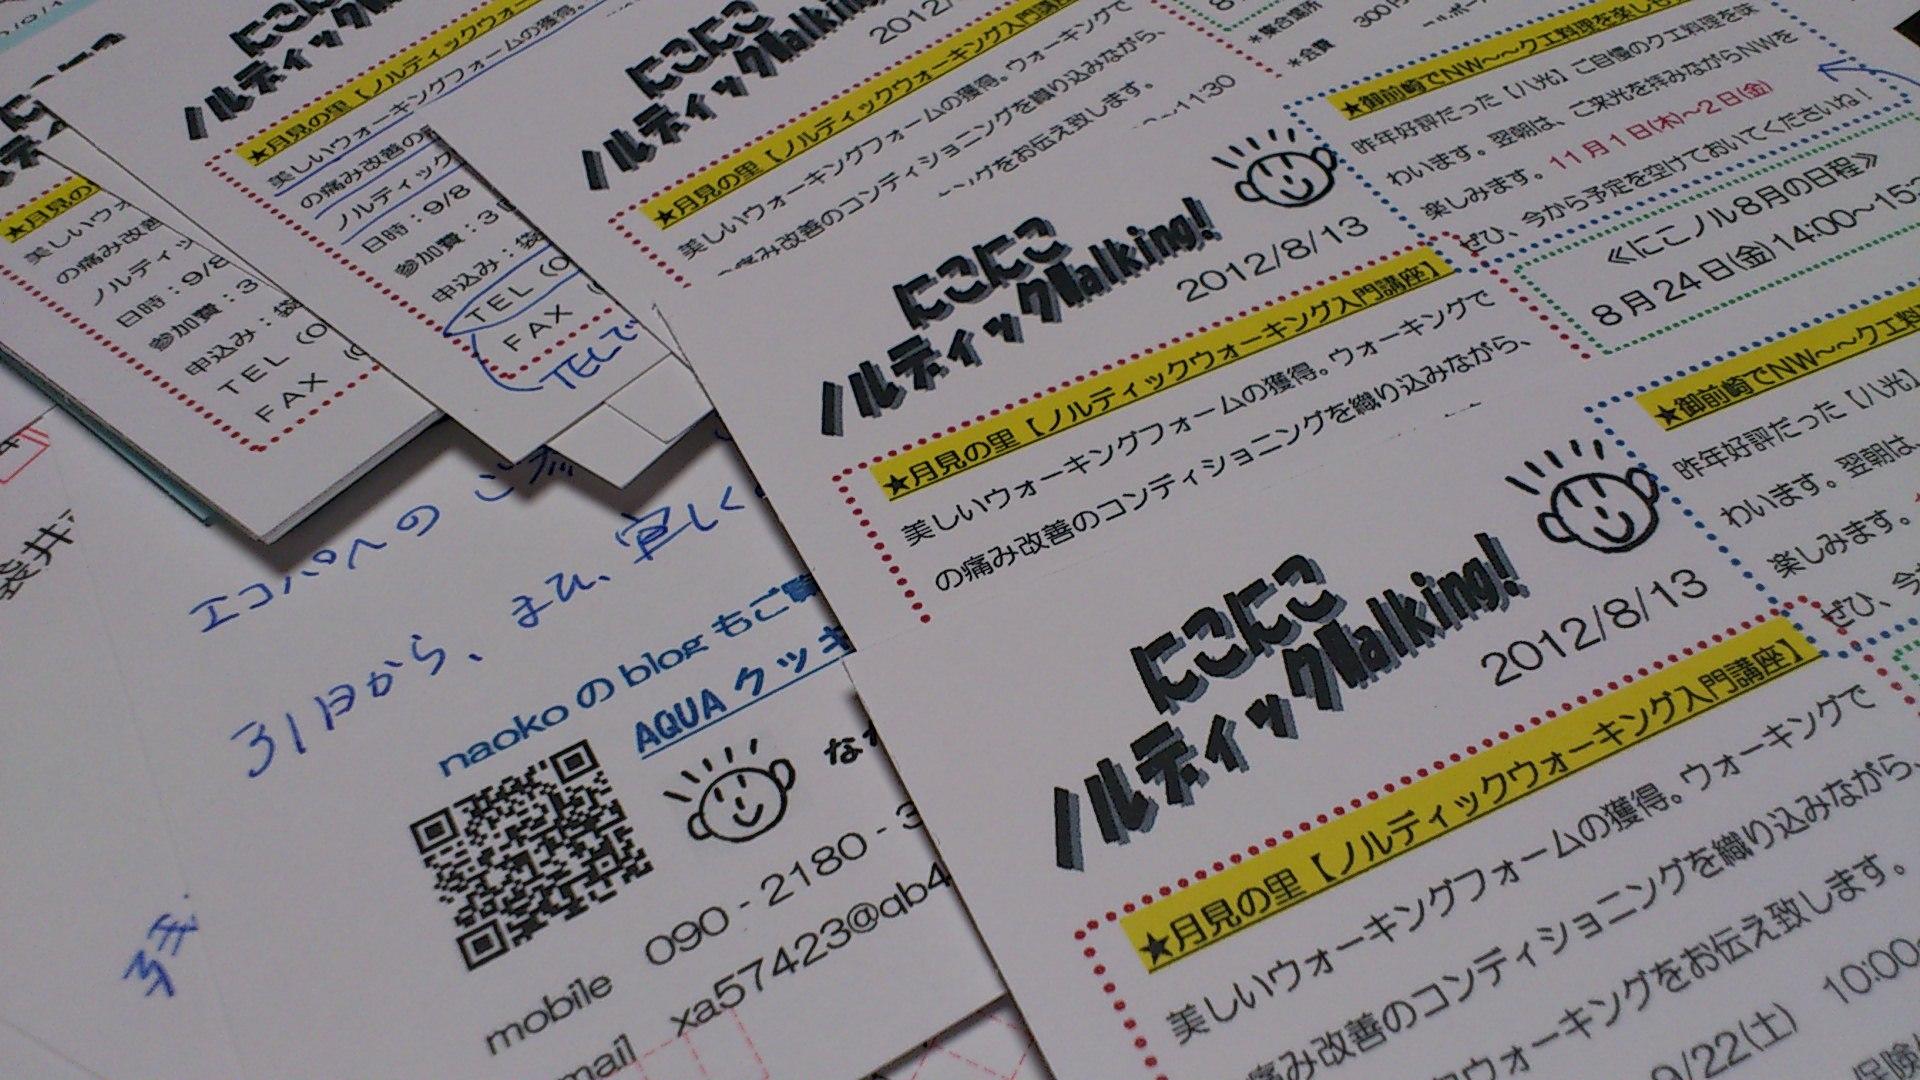 にこノル《にこにこノルディック通信》〜発送しますp(^^)